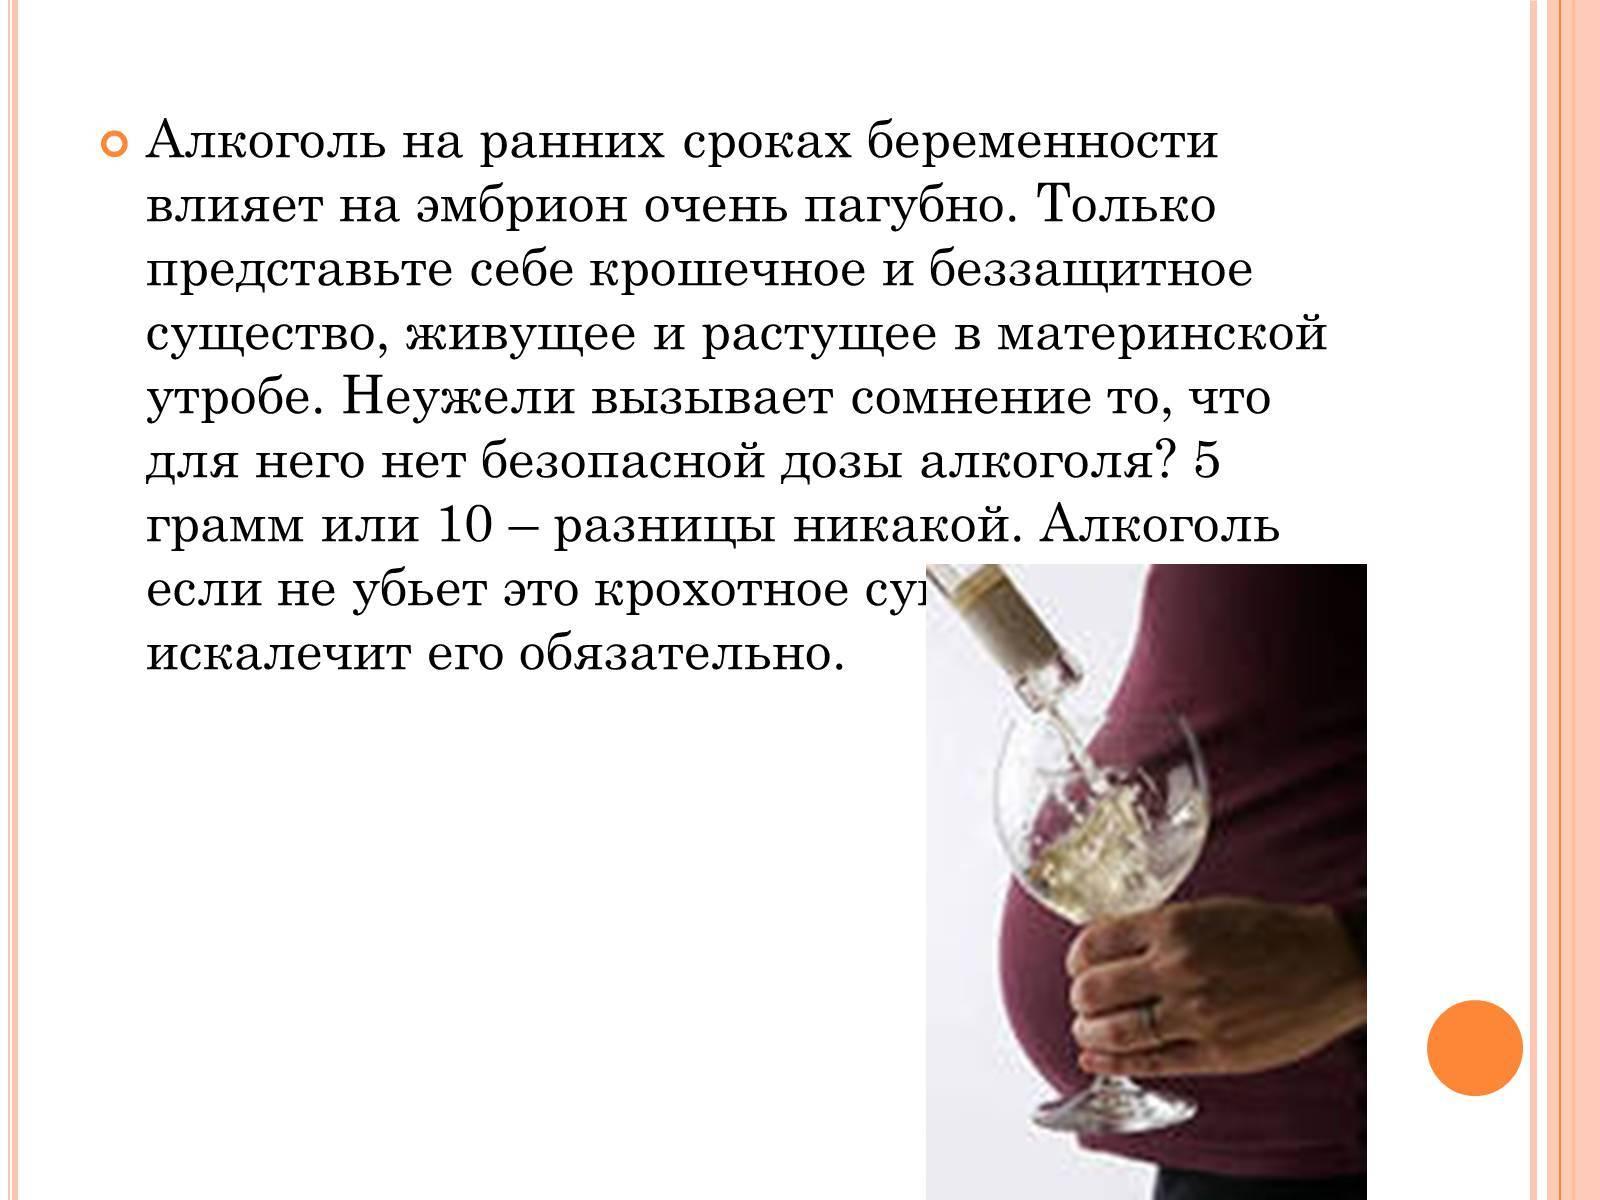 Вредит ли пиво во время беременности? алкогольное и безалкогольное: сколько можно выпивать - умкамама.ру